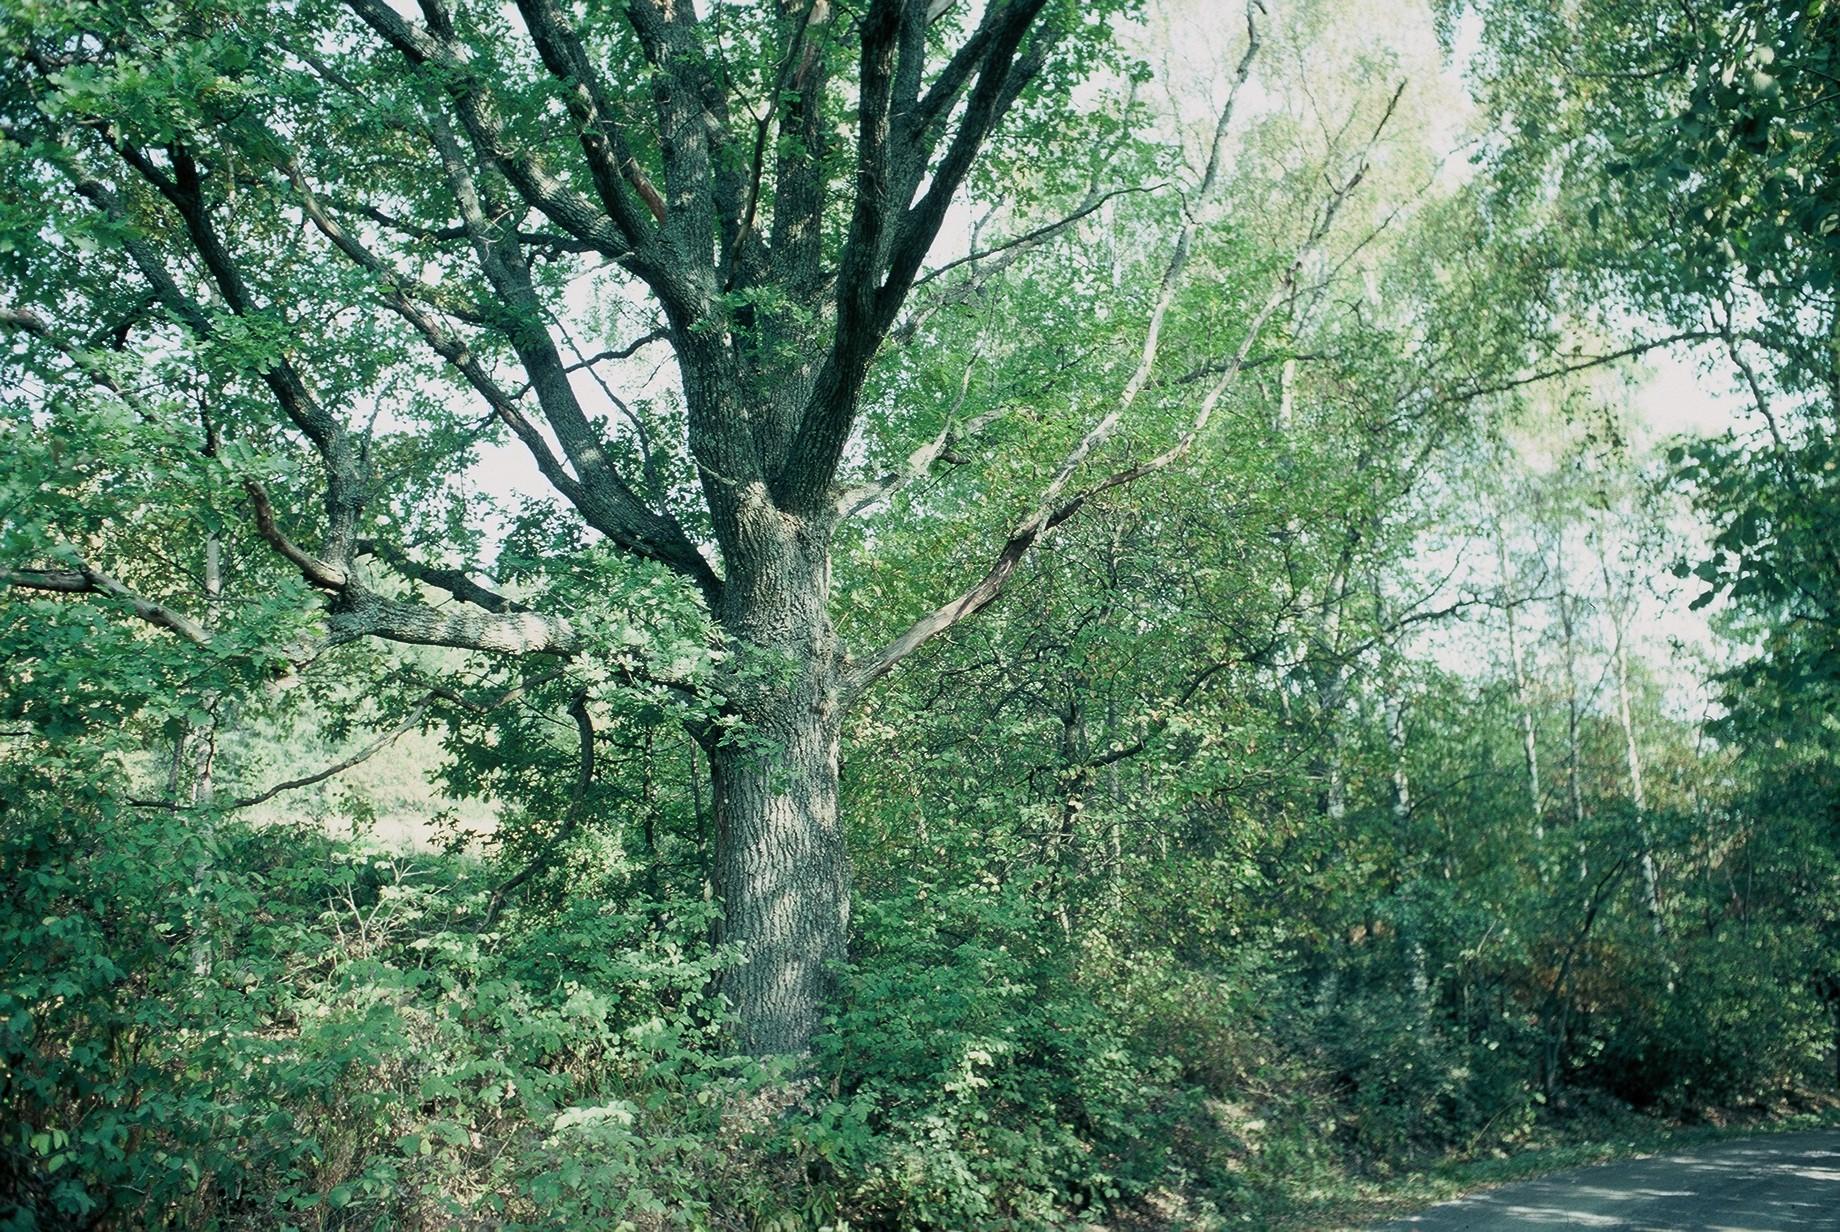 Luonnonmuistomerkki, tammi, Ahtiala, kuva Lohjan ympäristönsuojelu.